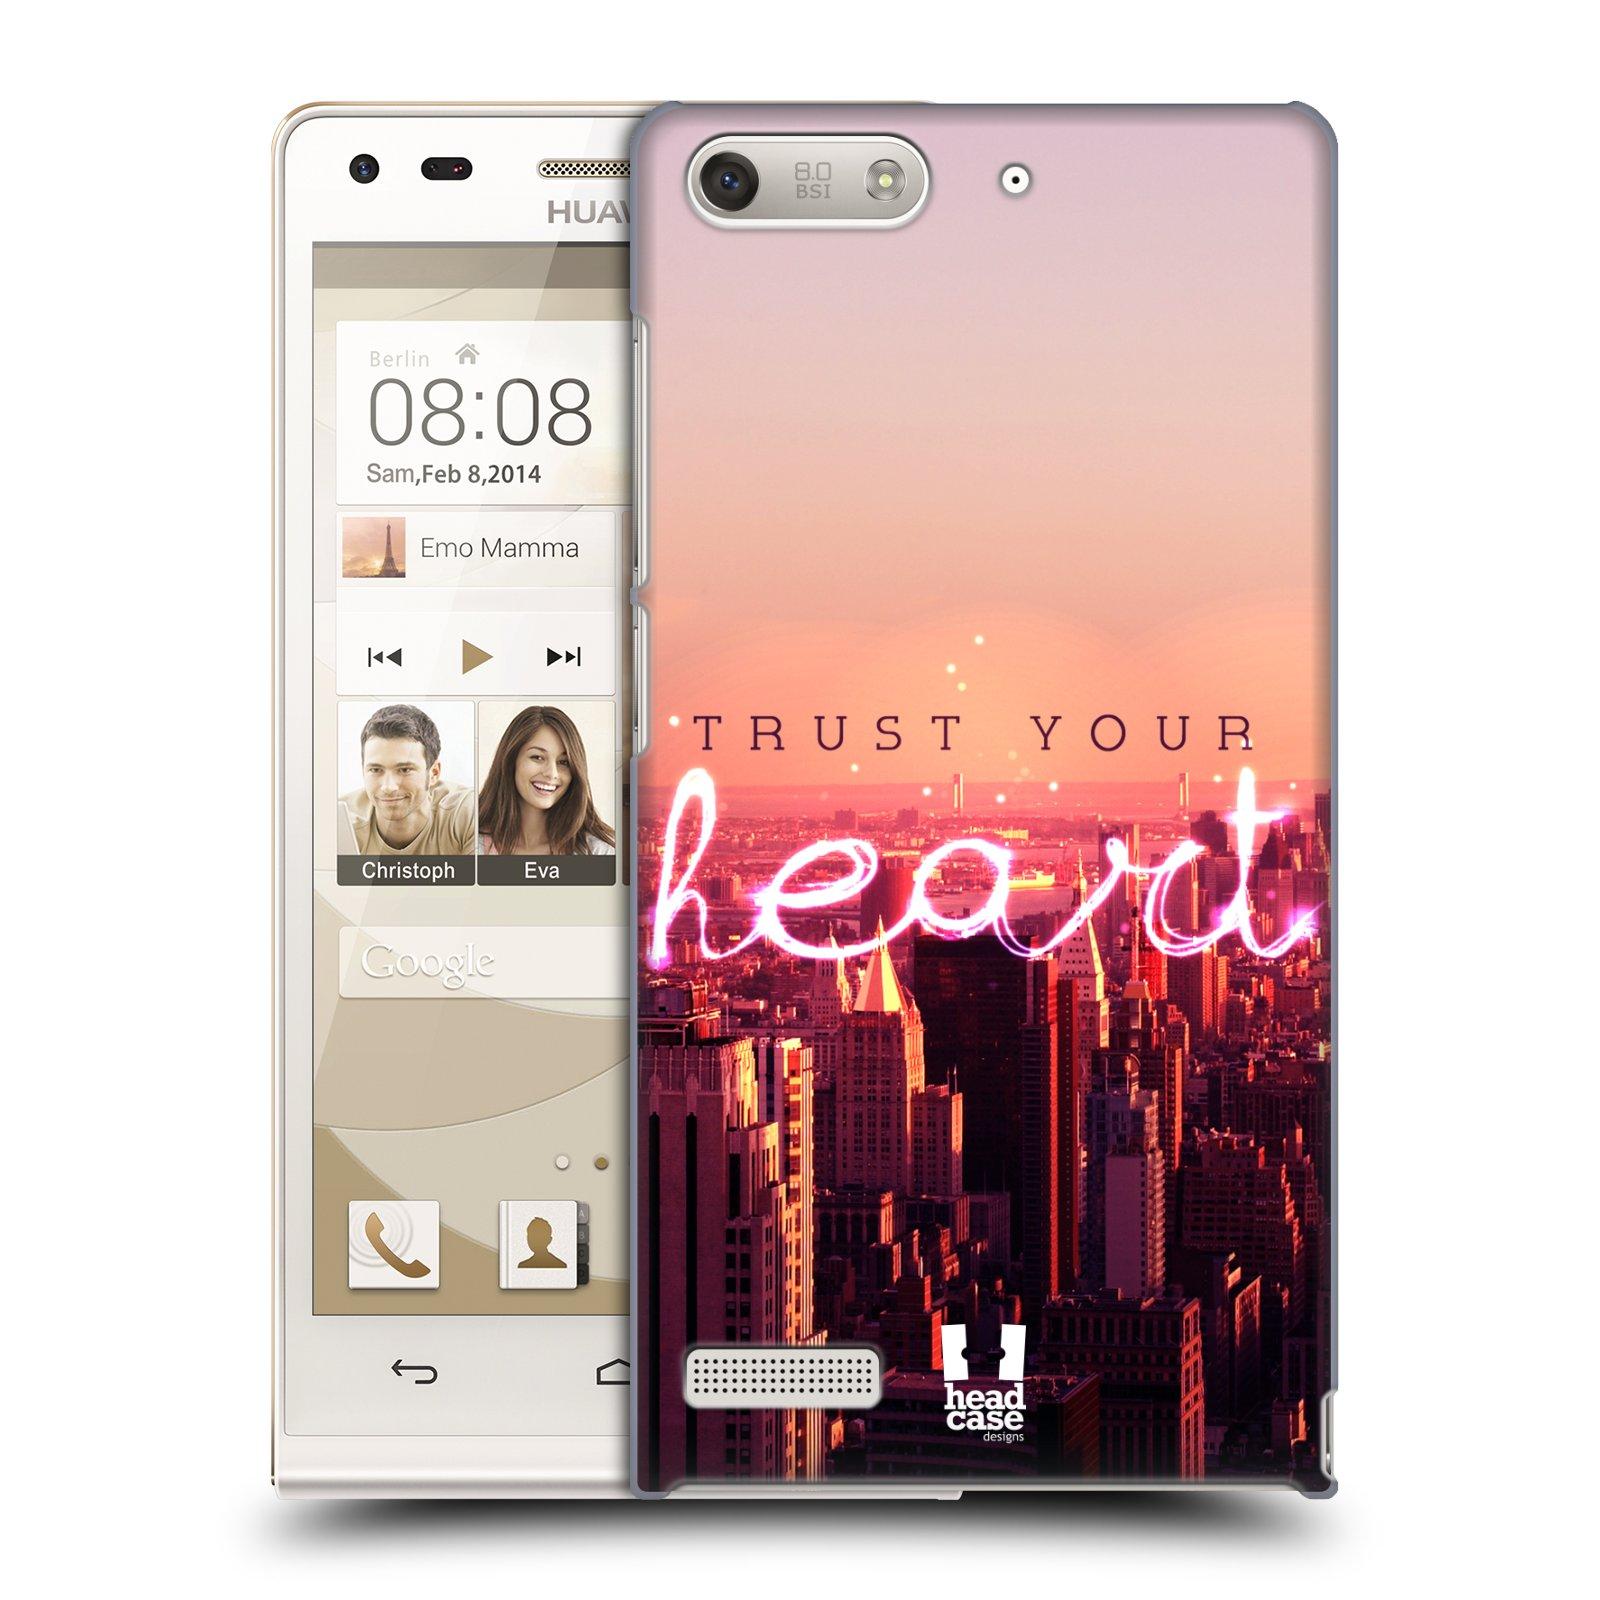 Plastové pouzdro na mobil Huawei Ascend G6 HEAD CASE TRUST YOUR HEART (Kryt či obal na mobilní telefon Huawei Ascend G6 bez LTE)